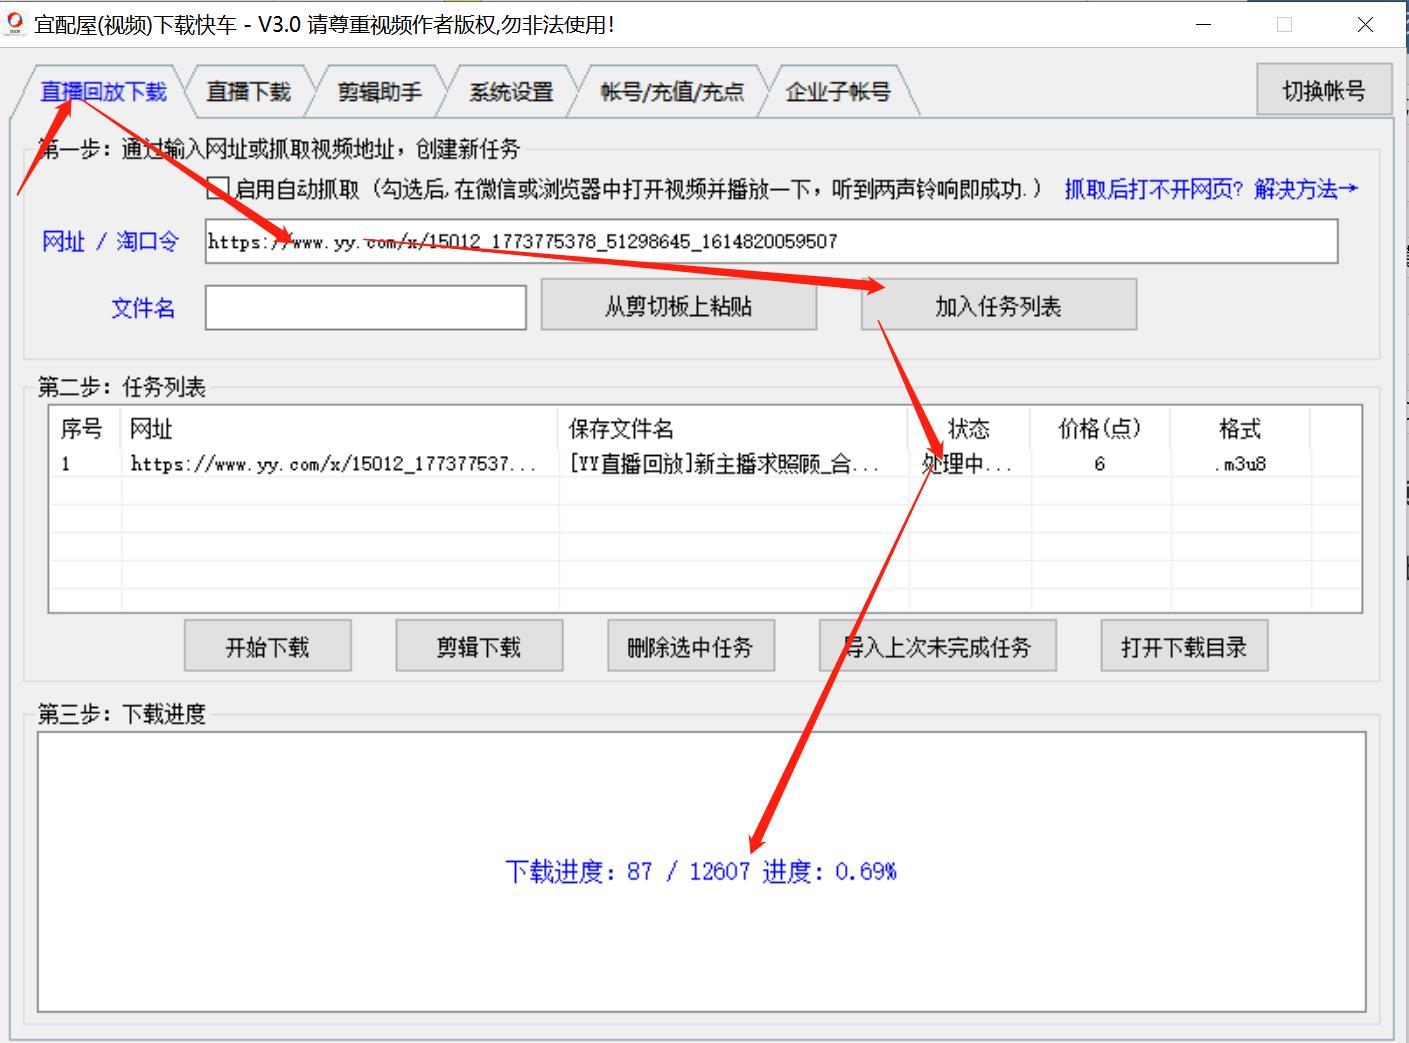 YY直播回放视频下载教程-01.jpg